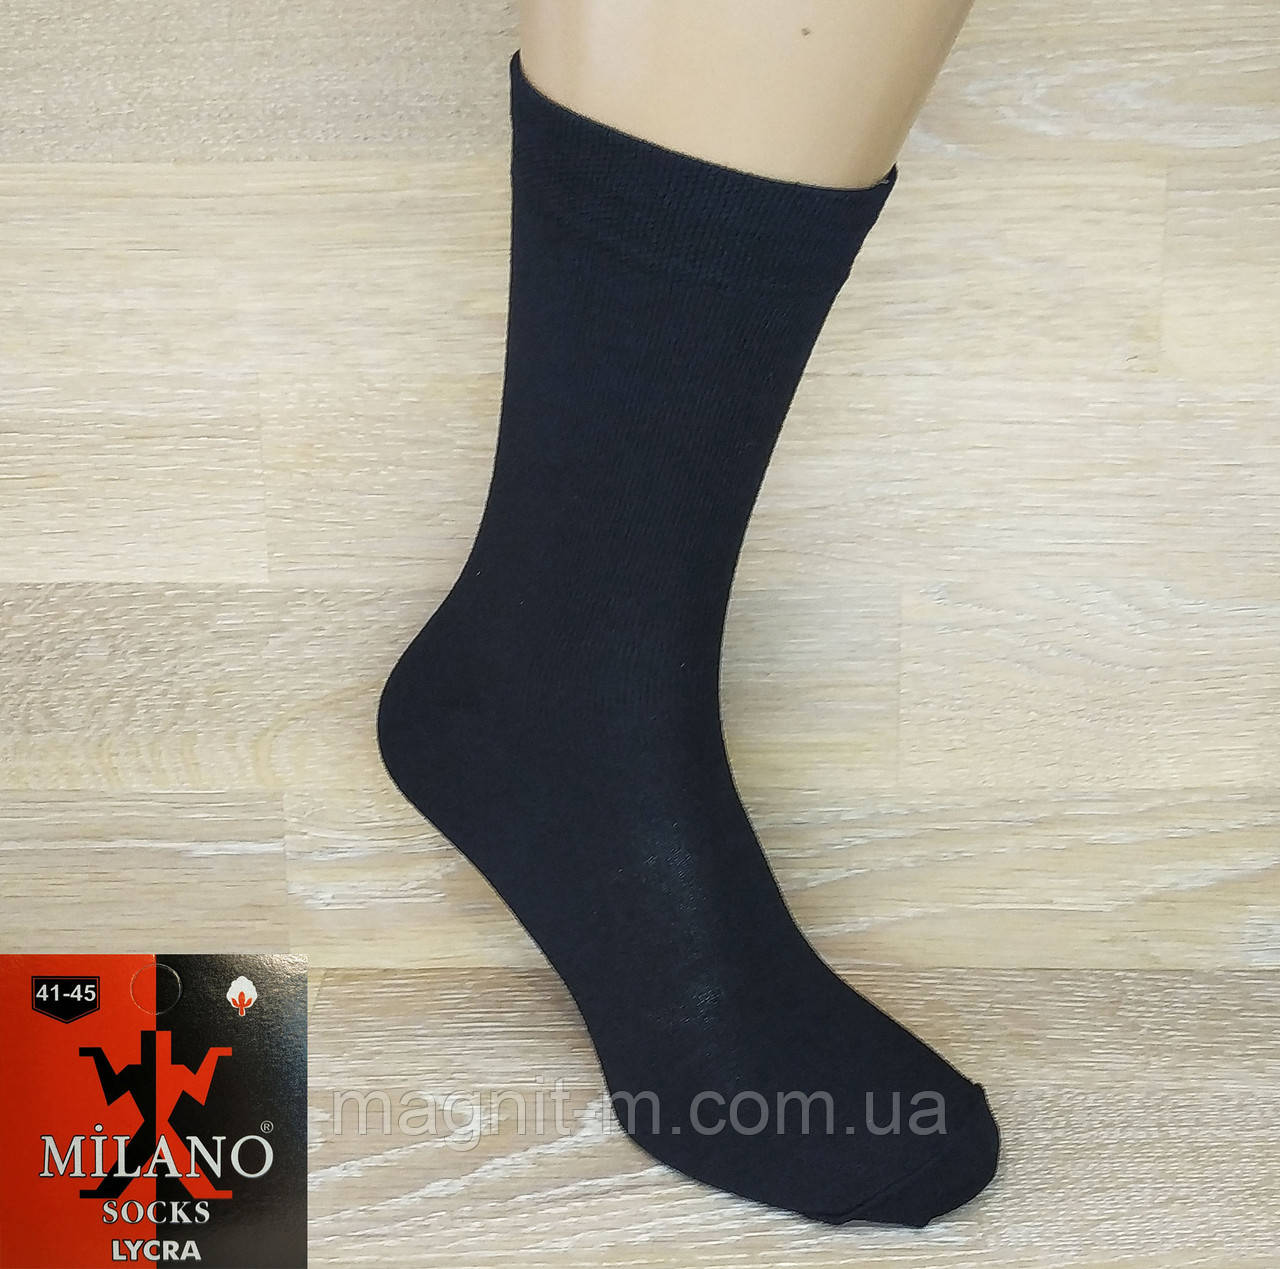 """Чоловічі шкарпетки """"Milano socks"""". Cotton. Чорний колір. (Роздріб)."""